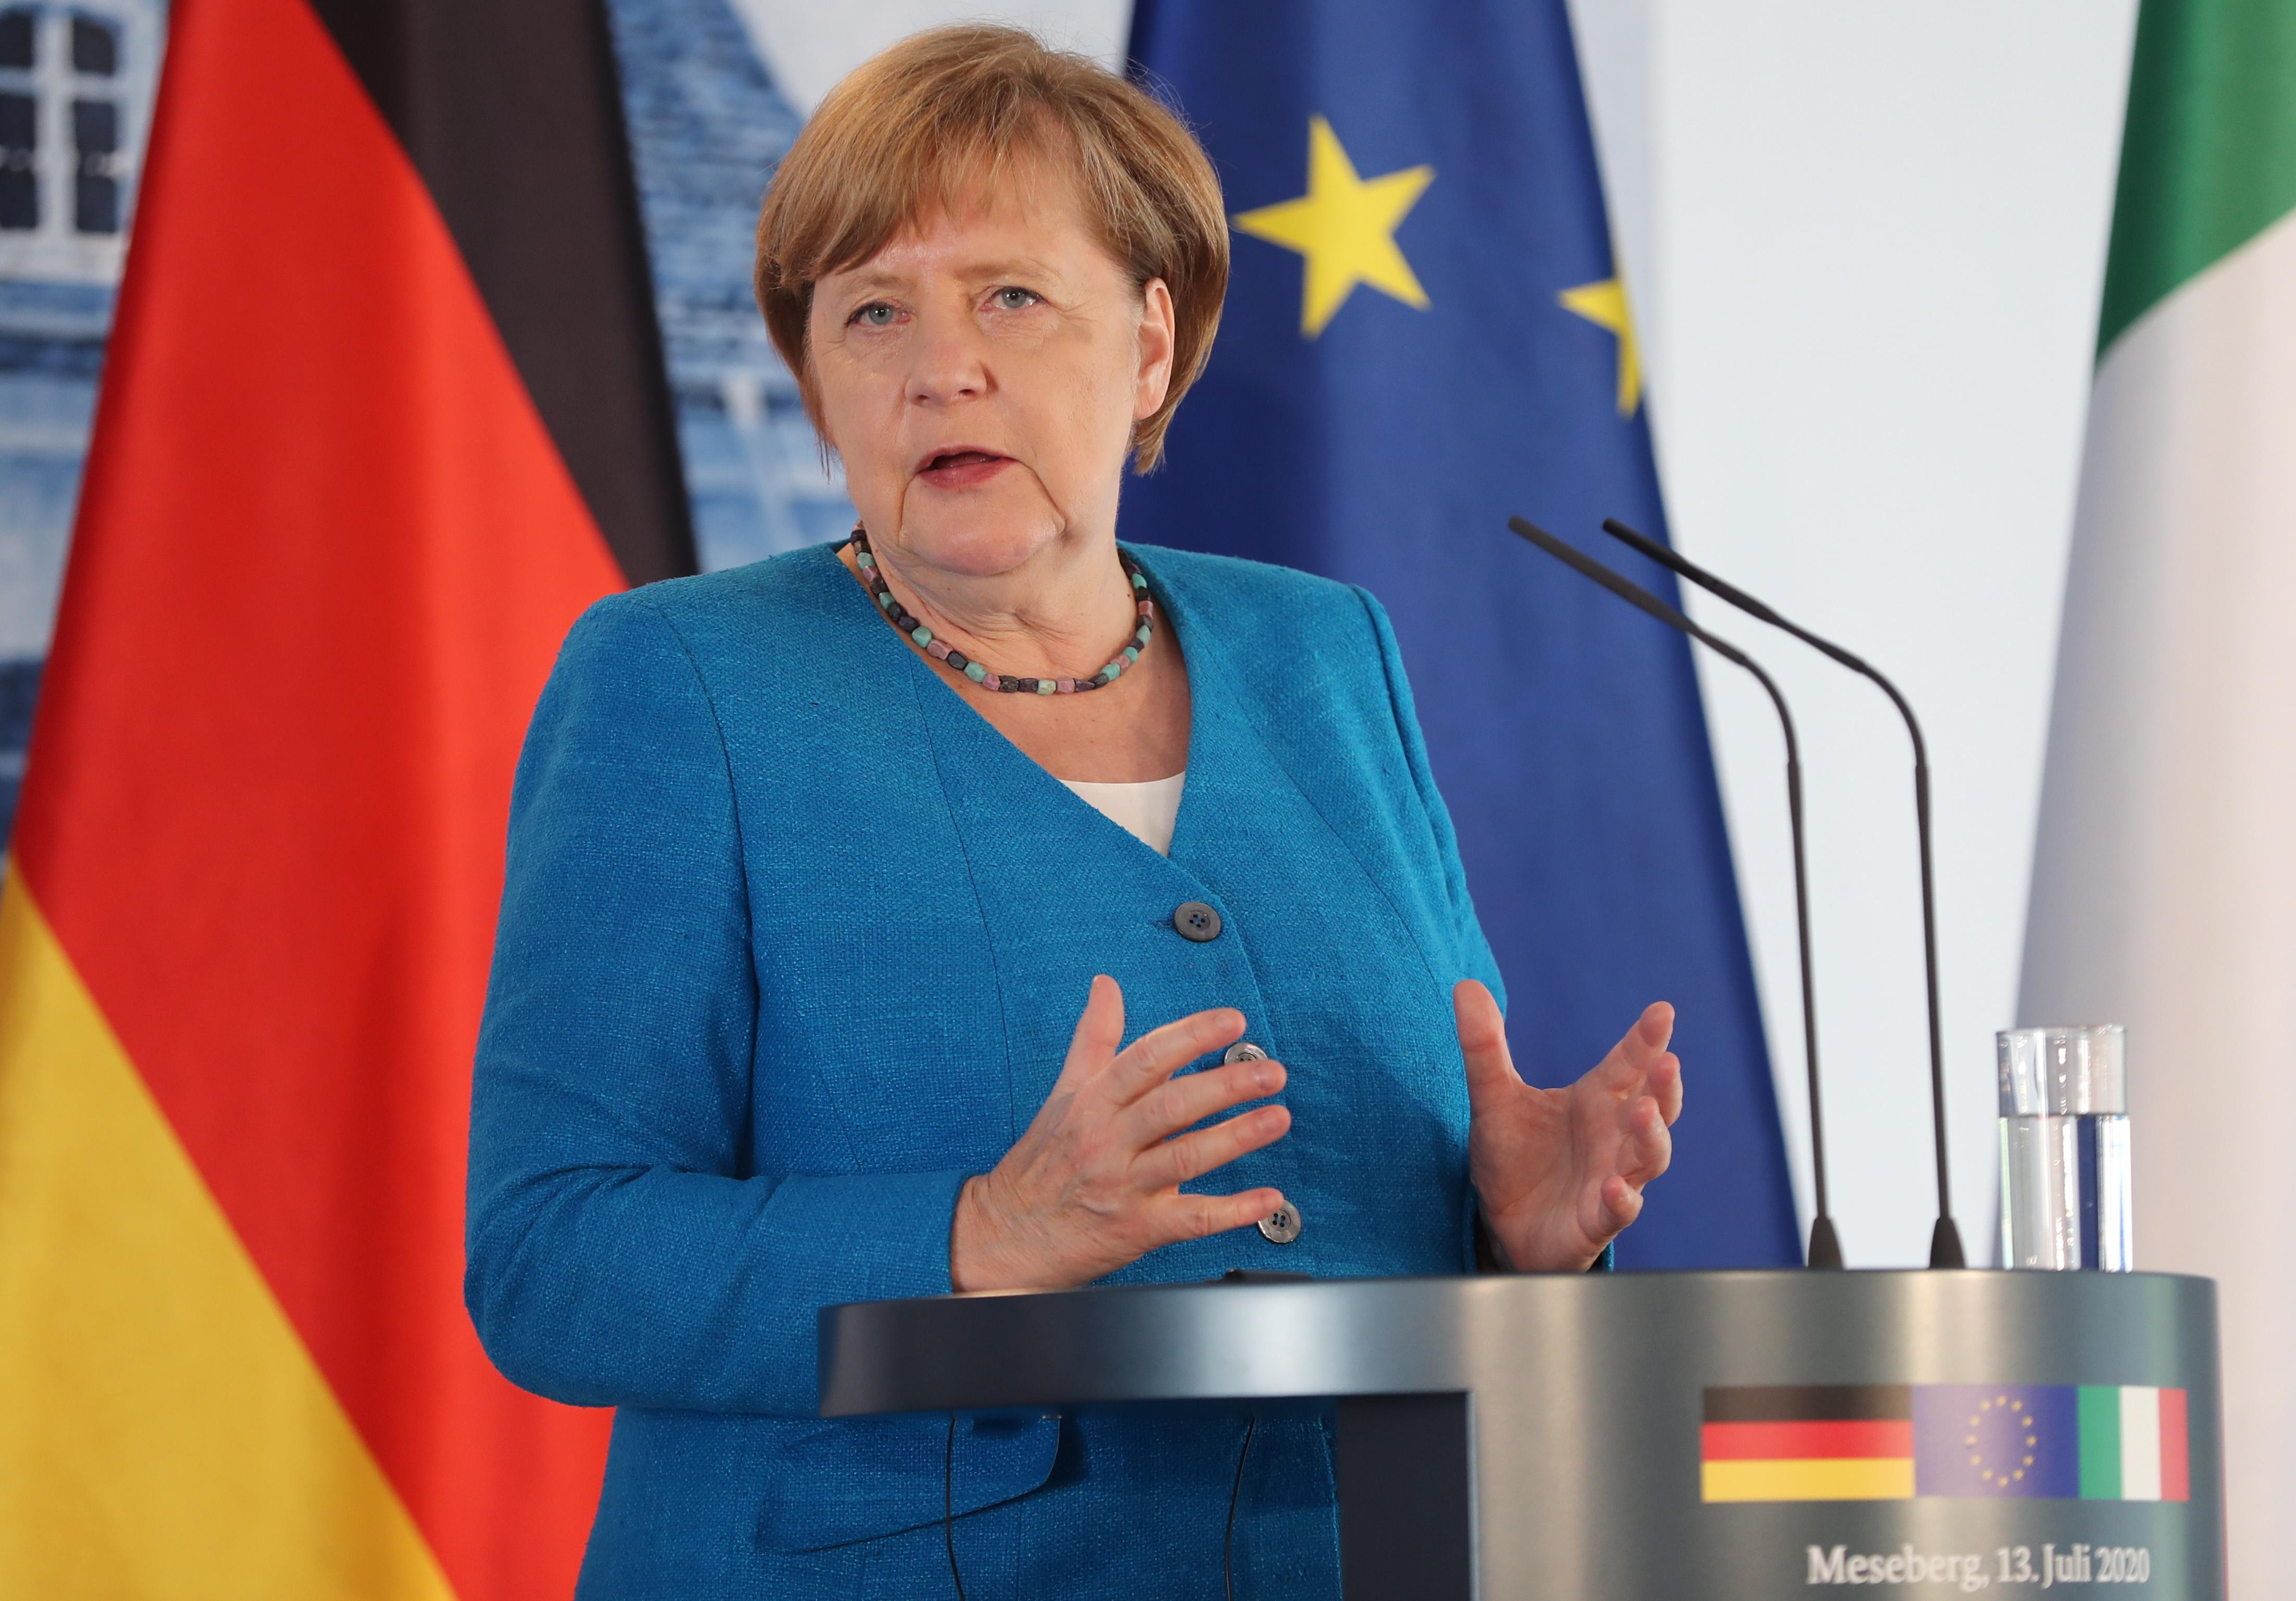 Меркель заявила, что ФРГ не признаёт легитимность Лукашенко